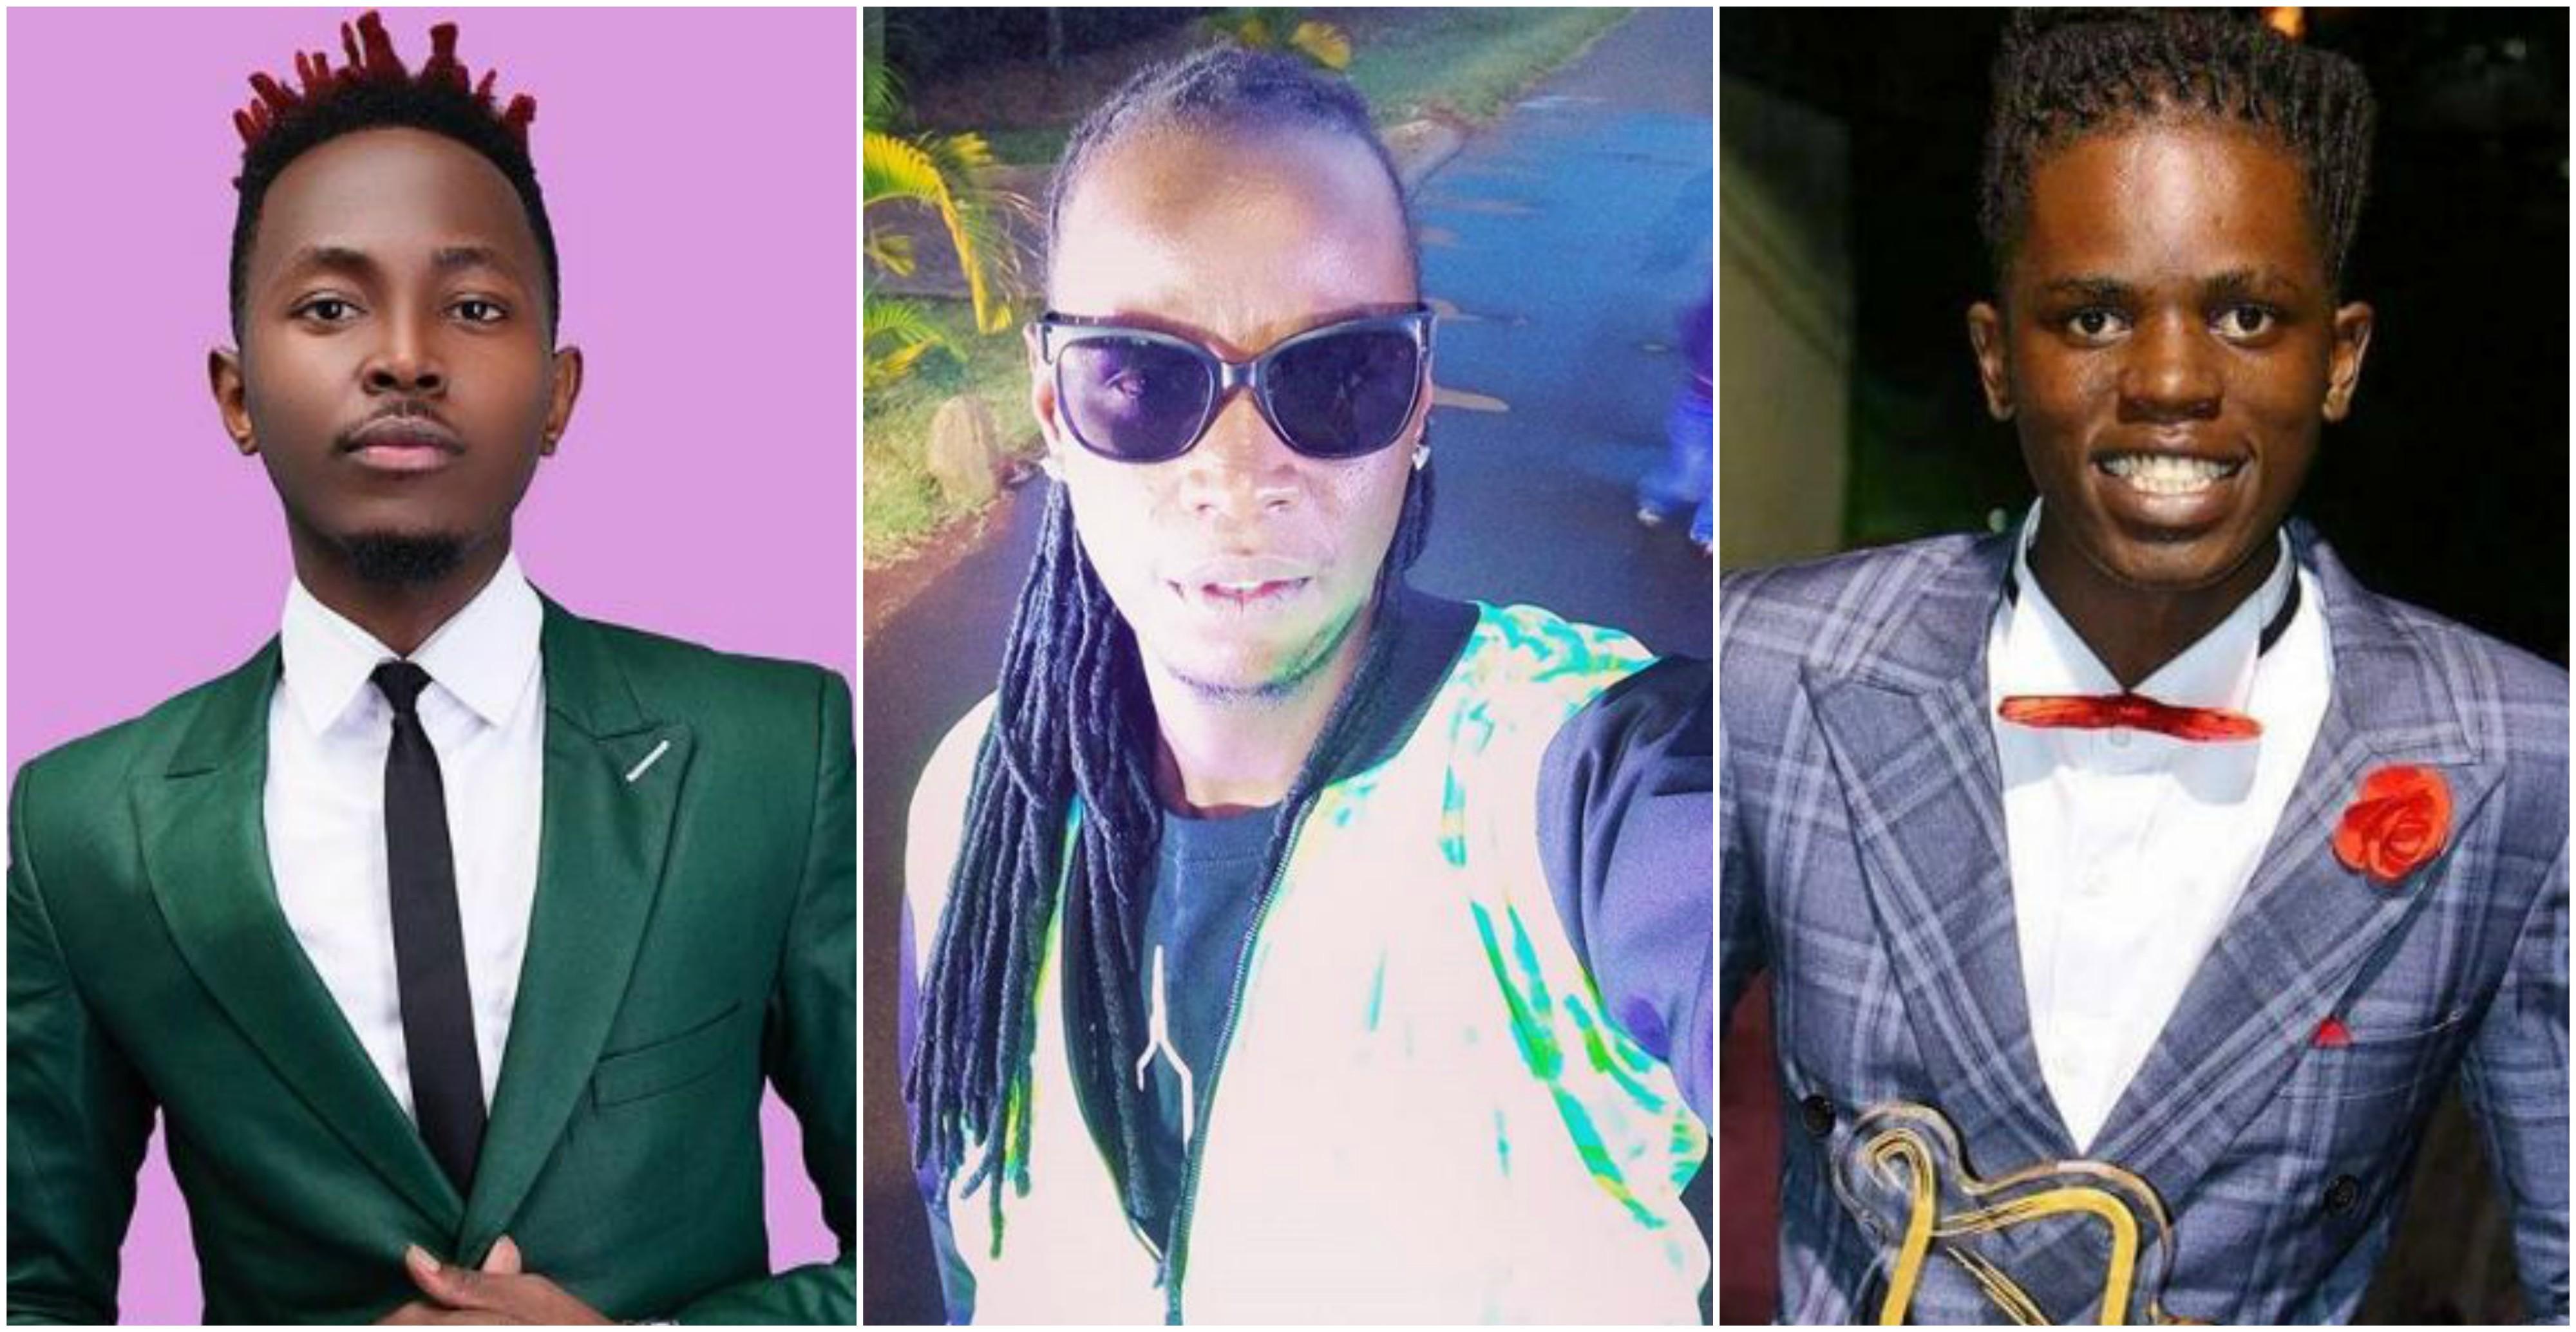 Hopekid Vs Kevoh Youth Vs J Fam: Who is the gospel dancehall king?